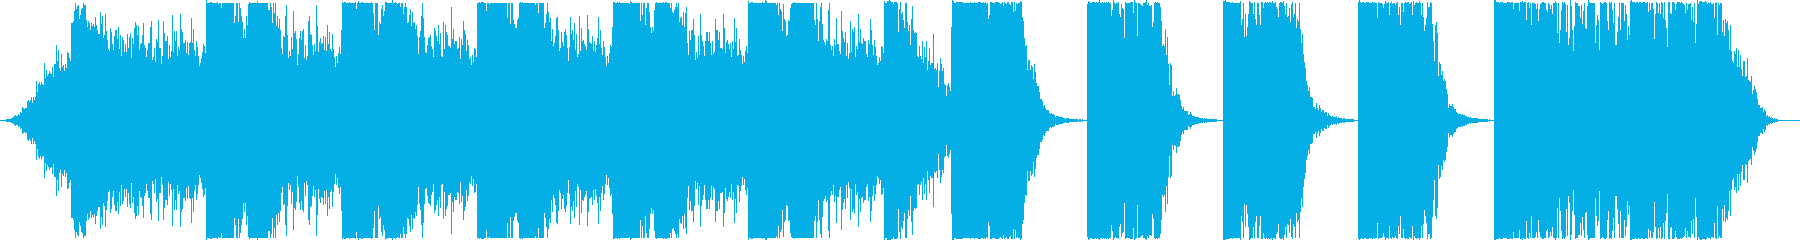 緊迫系トレーラー(打楽器中心) の再生済みの波形